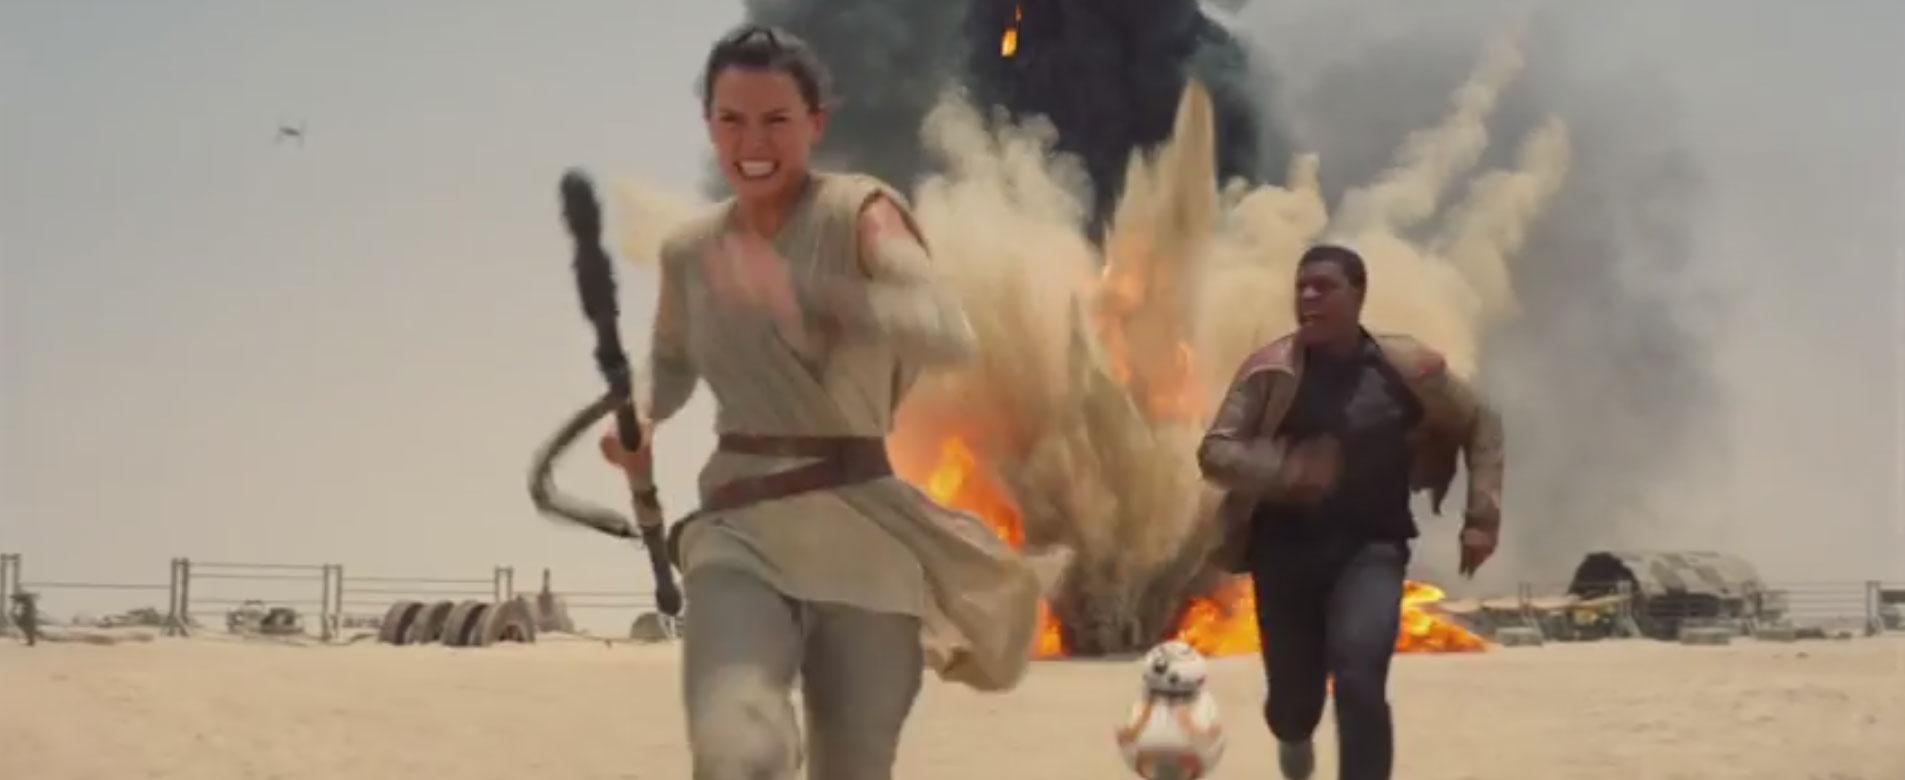 The Force Awakens' desert planet isn't Tatooine